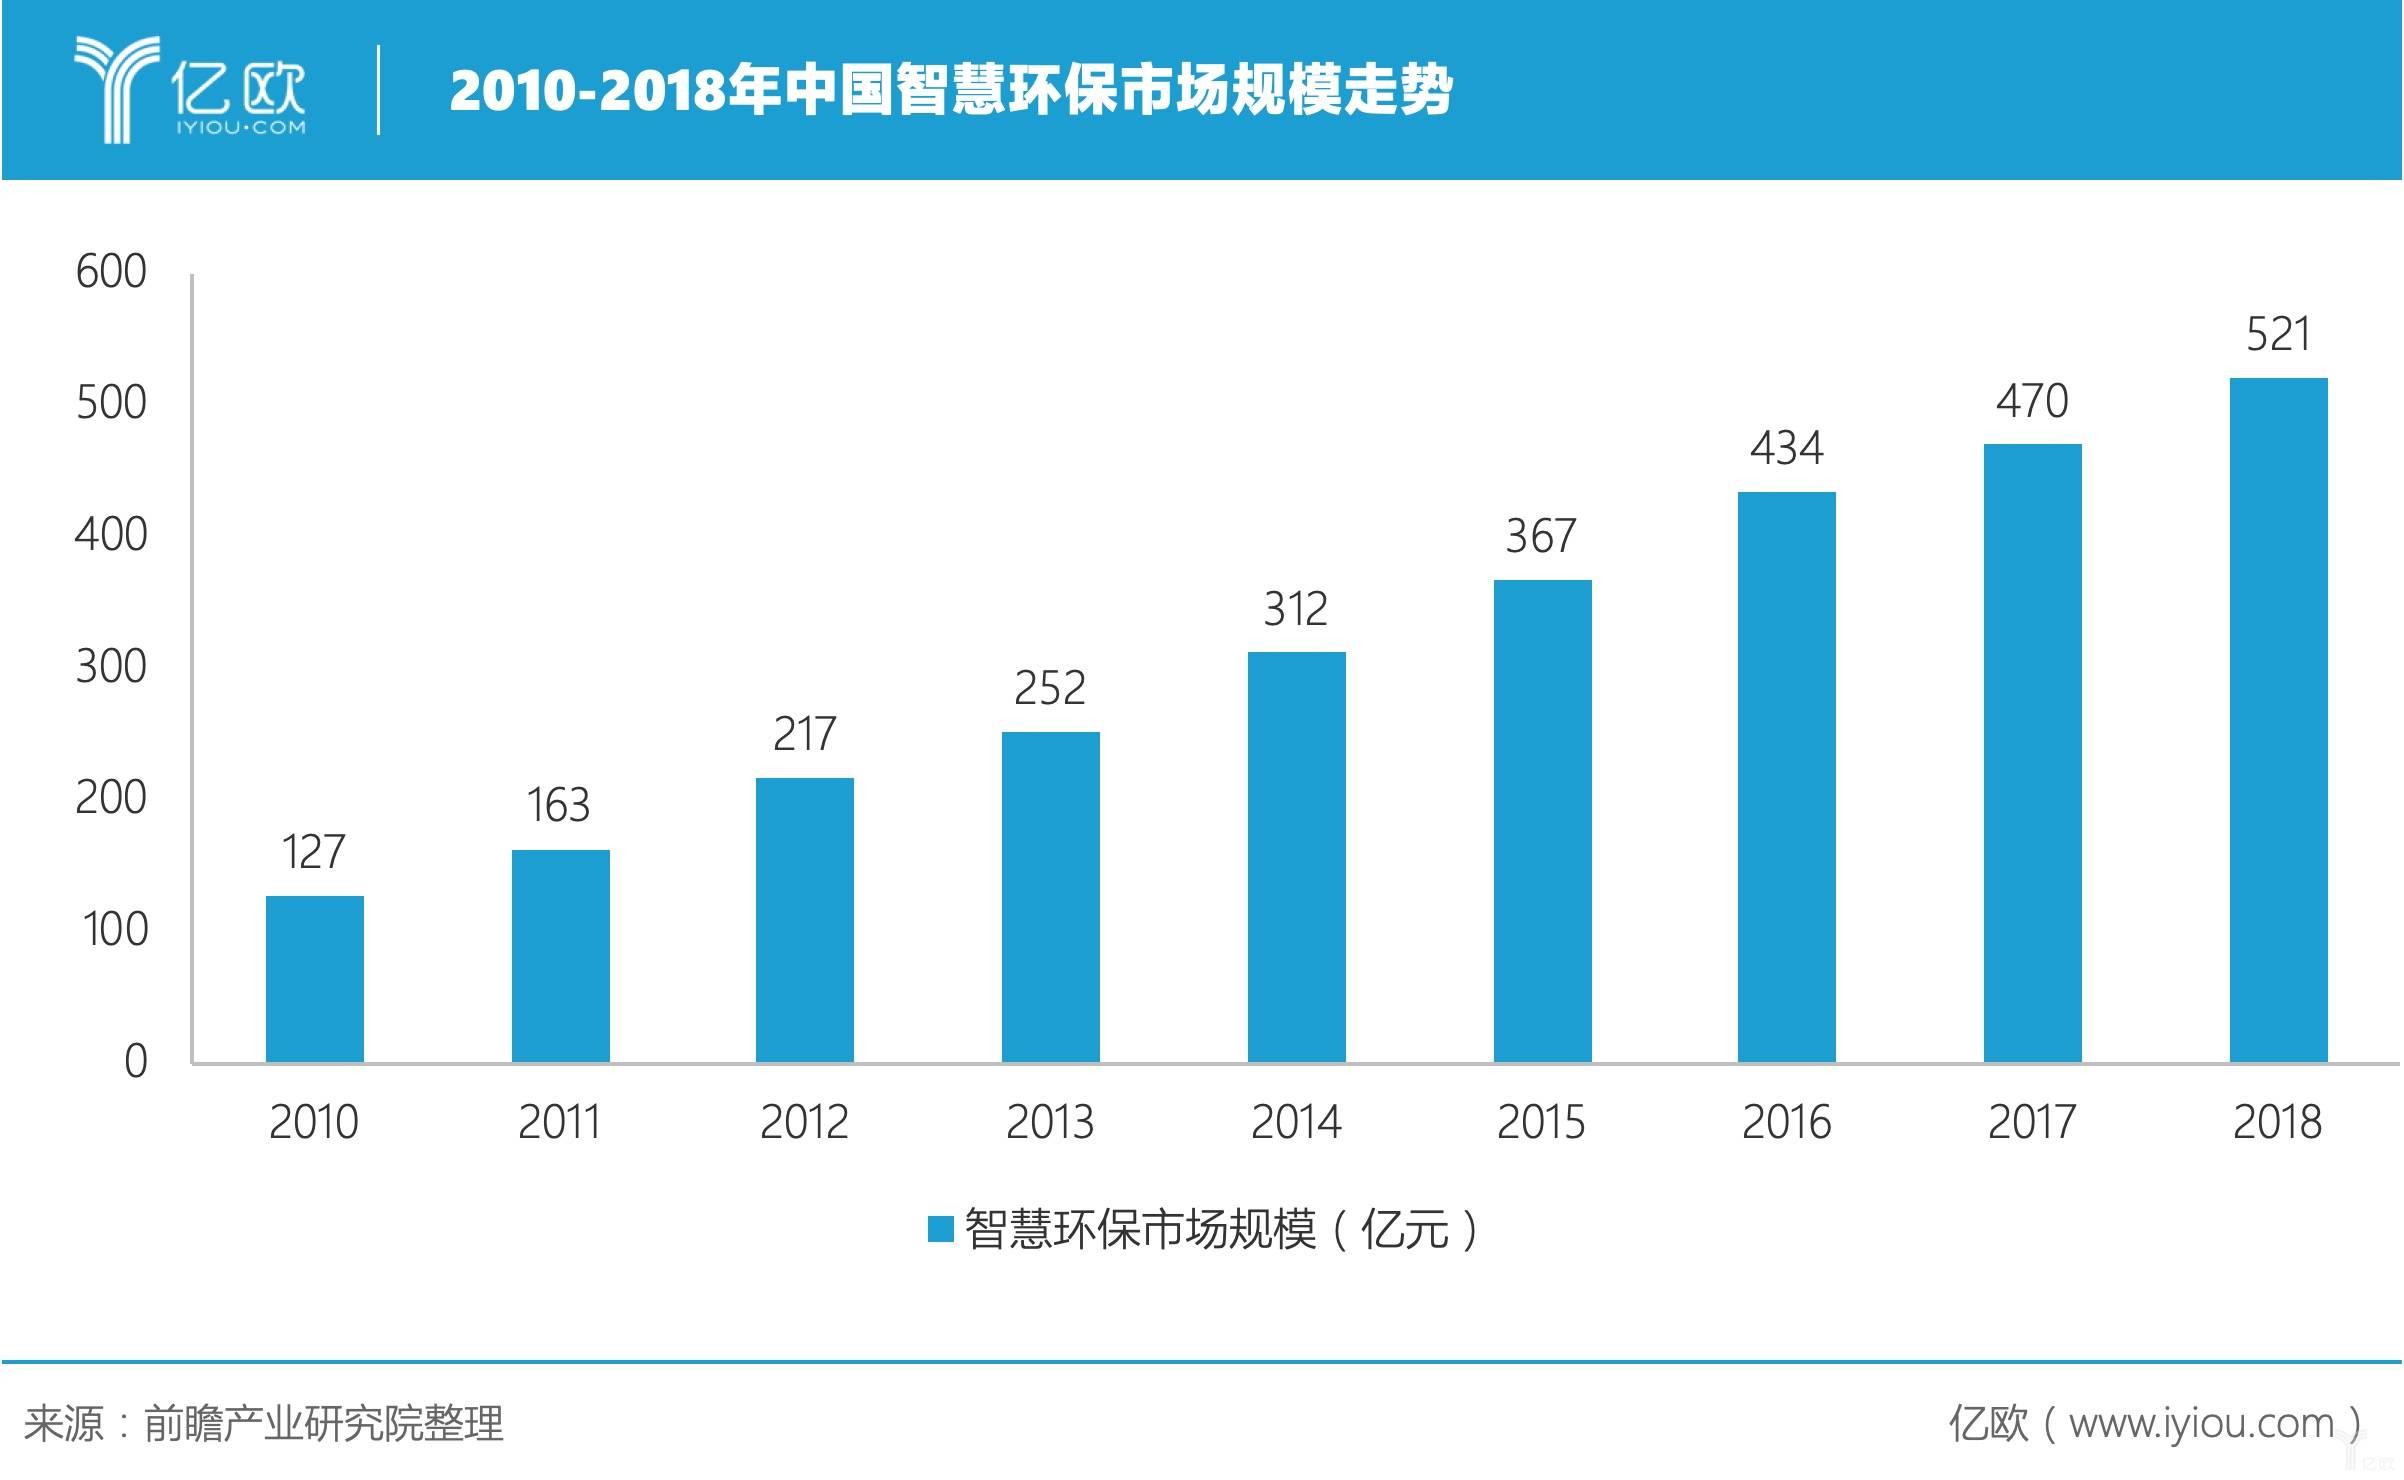 2010-2018年中国智慧环保市场规模走势